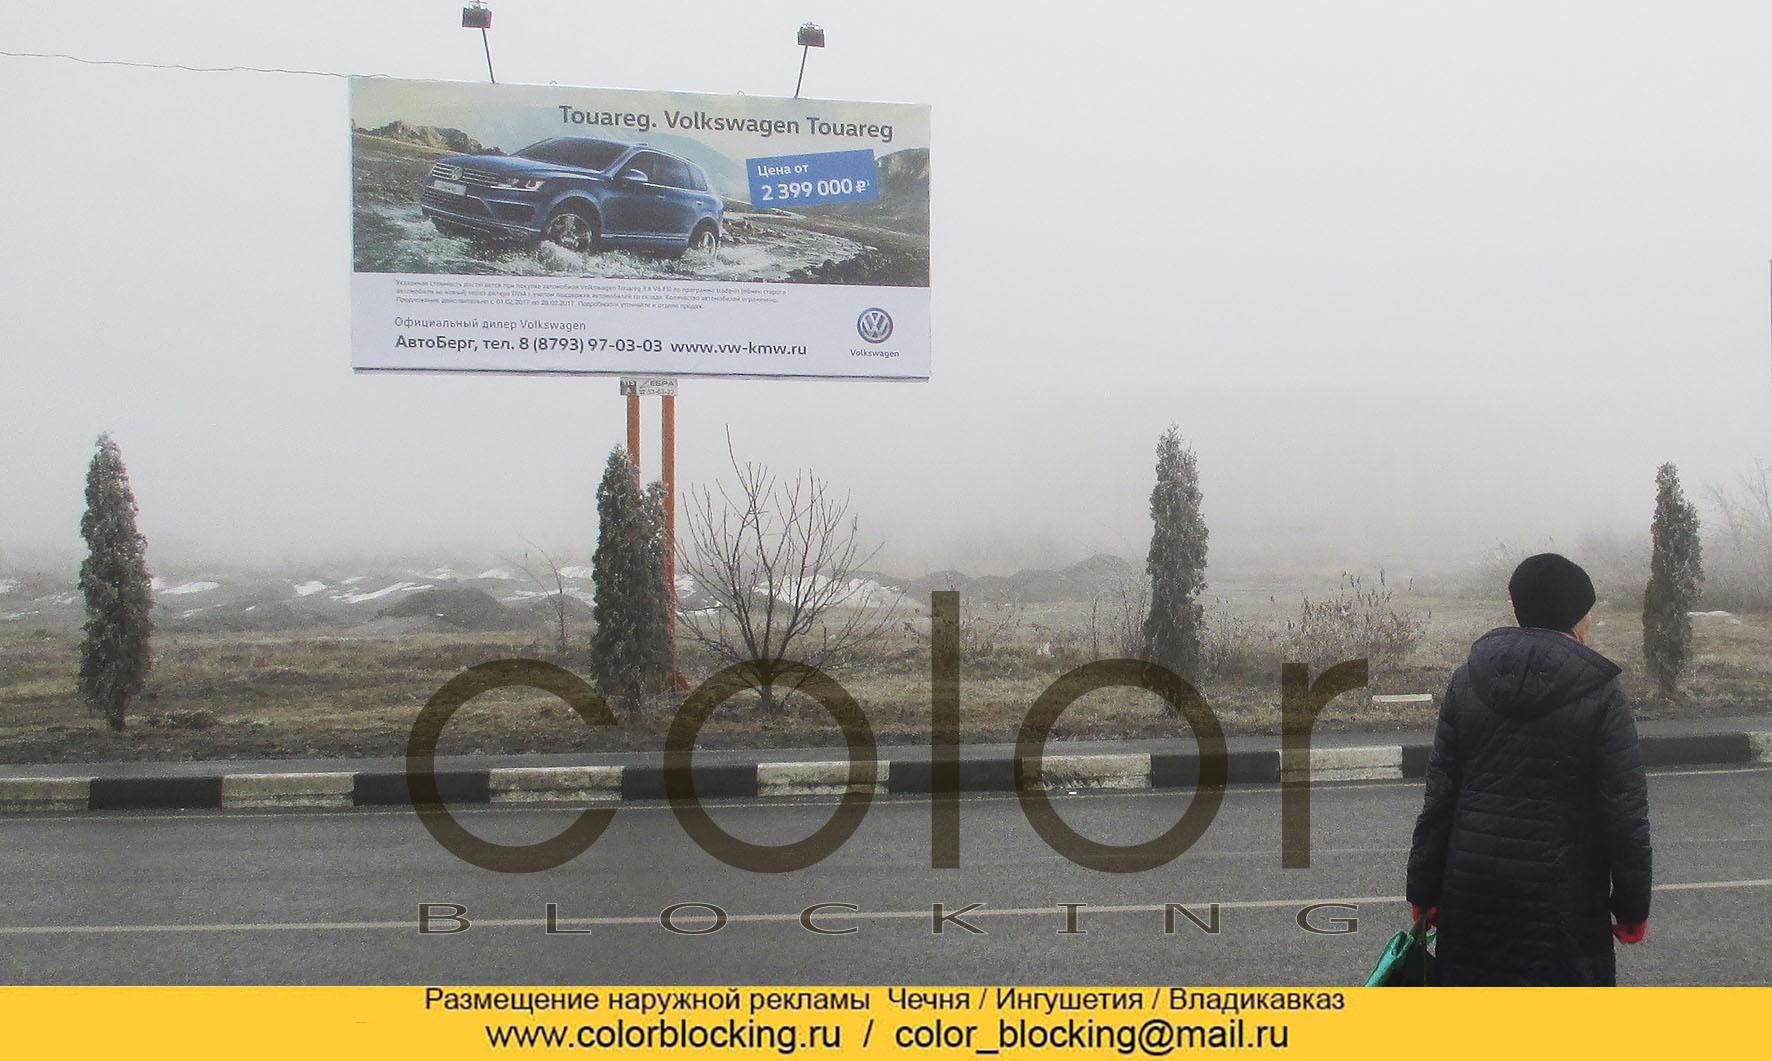 Реклама наружная в Грозном и Осетии